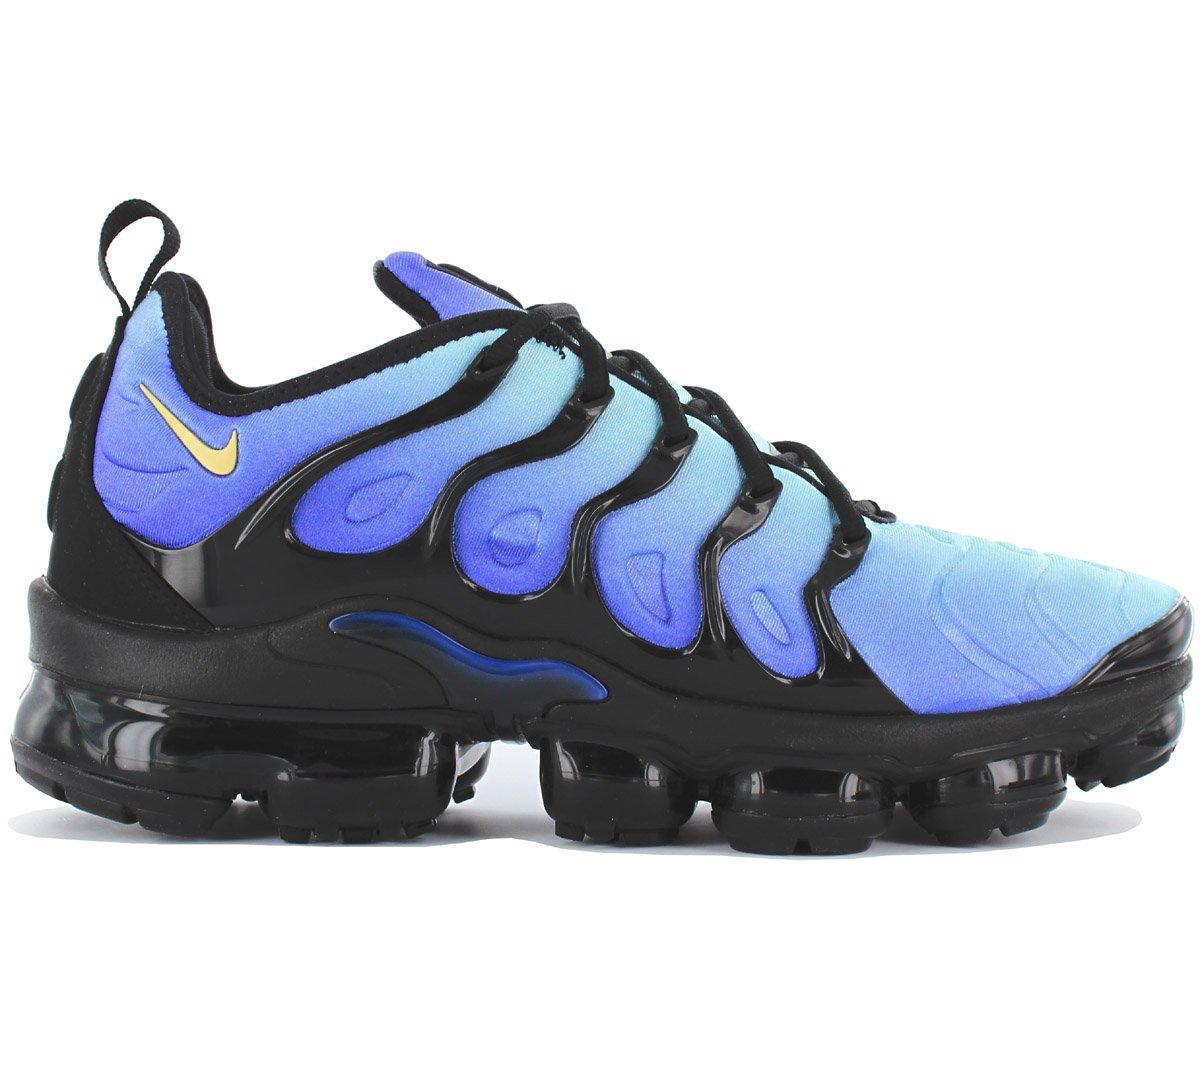 Nike 924453-008 - Tiempo Libre de Tela Hombre 41 EU Blau (Blau-schwarz)